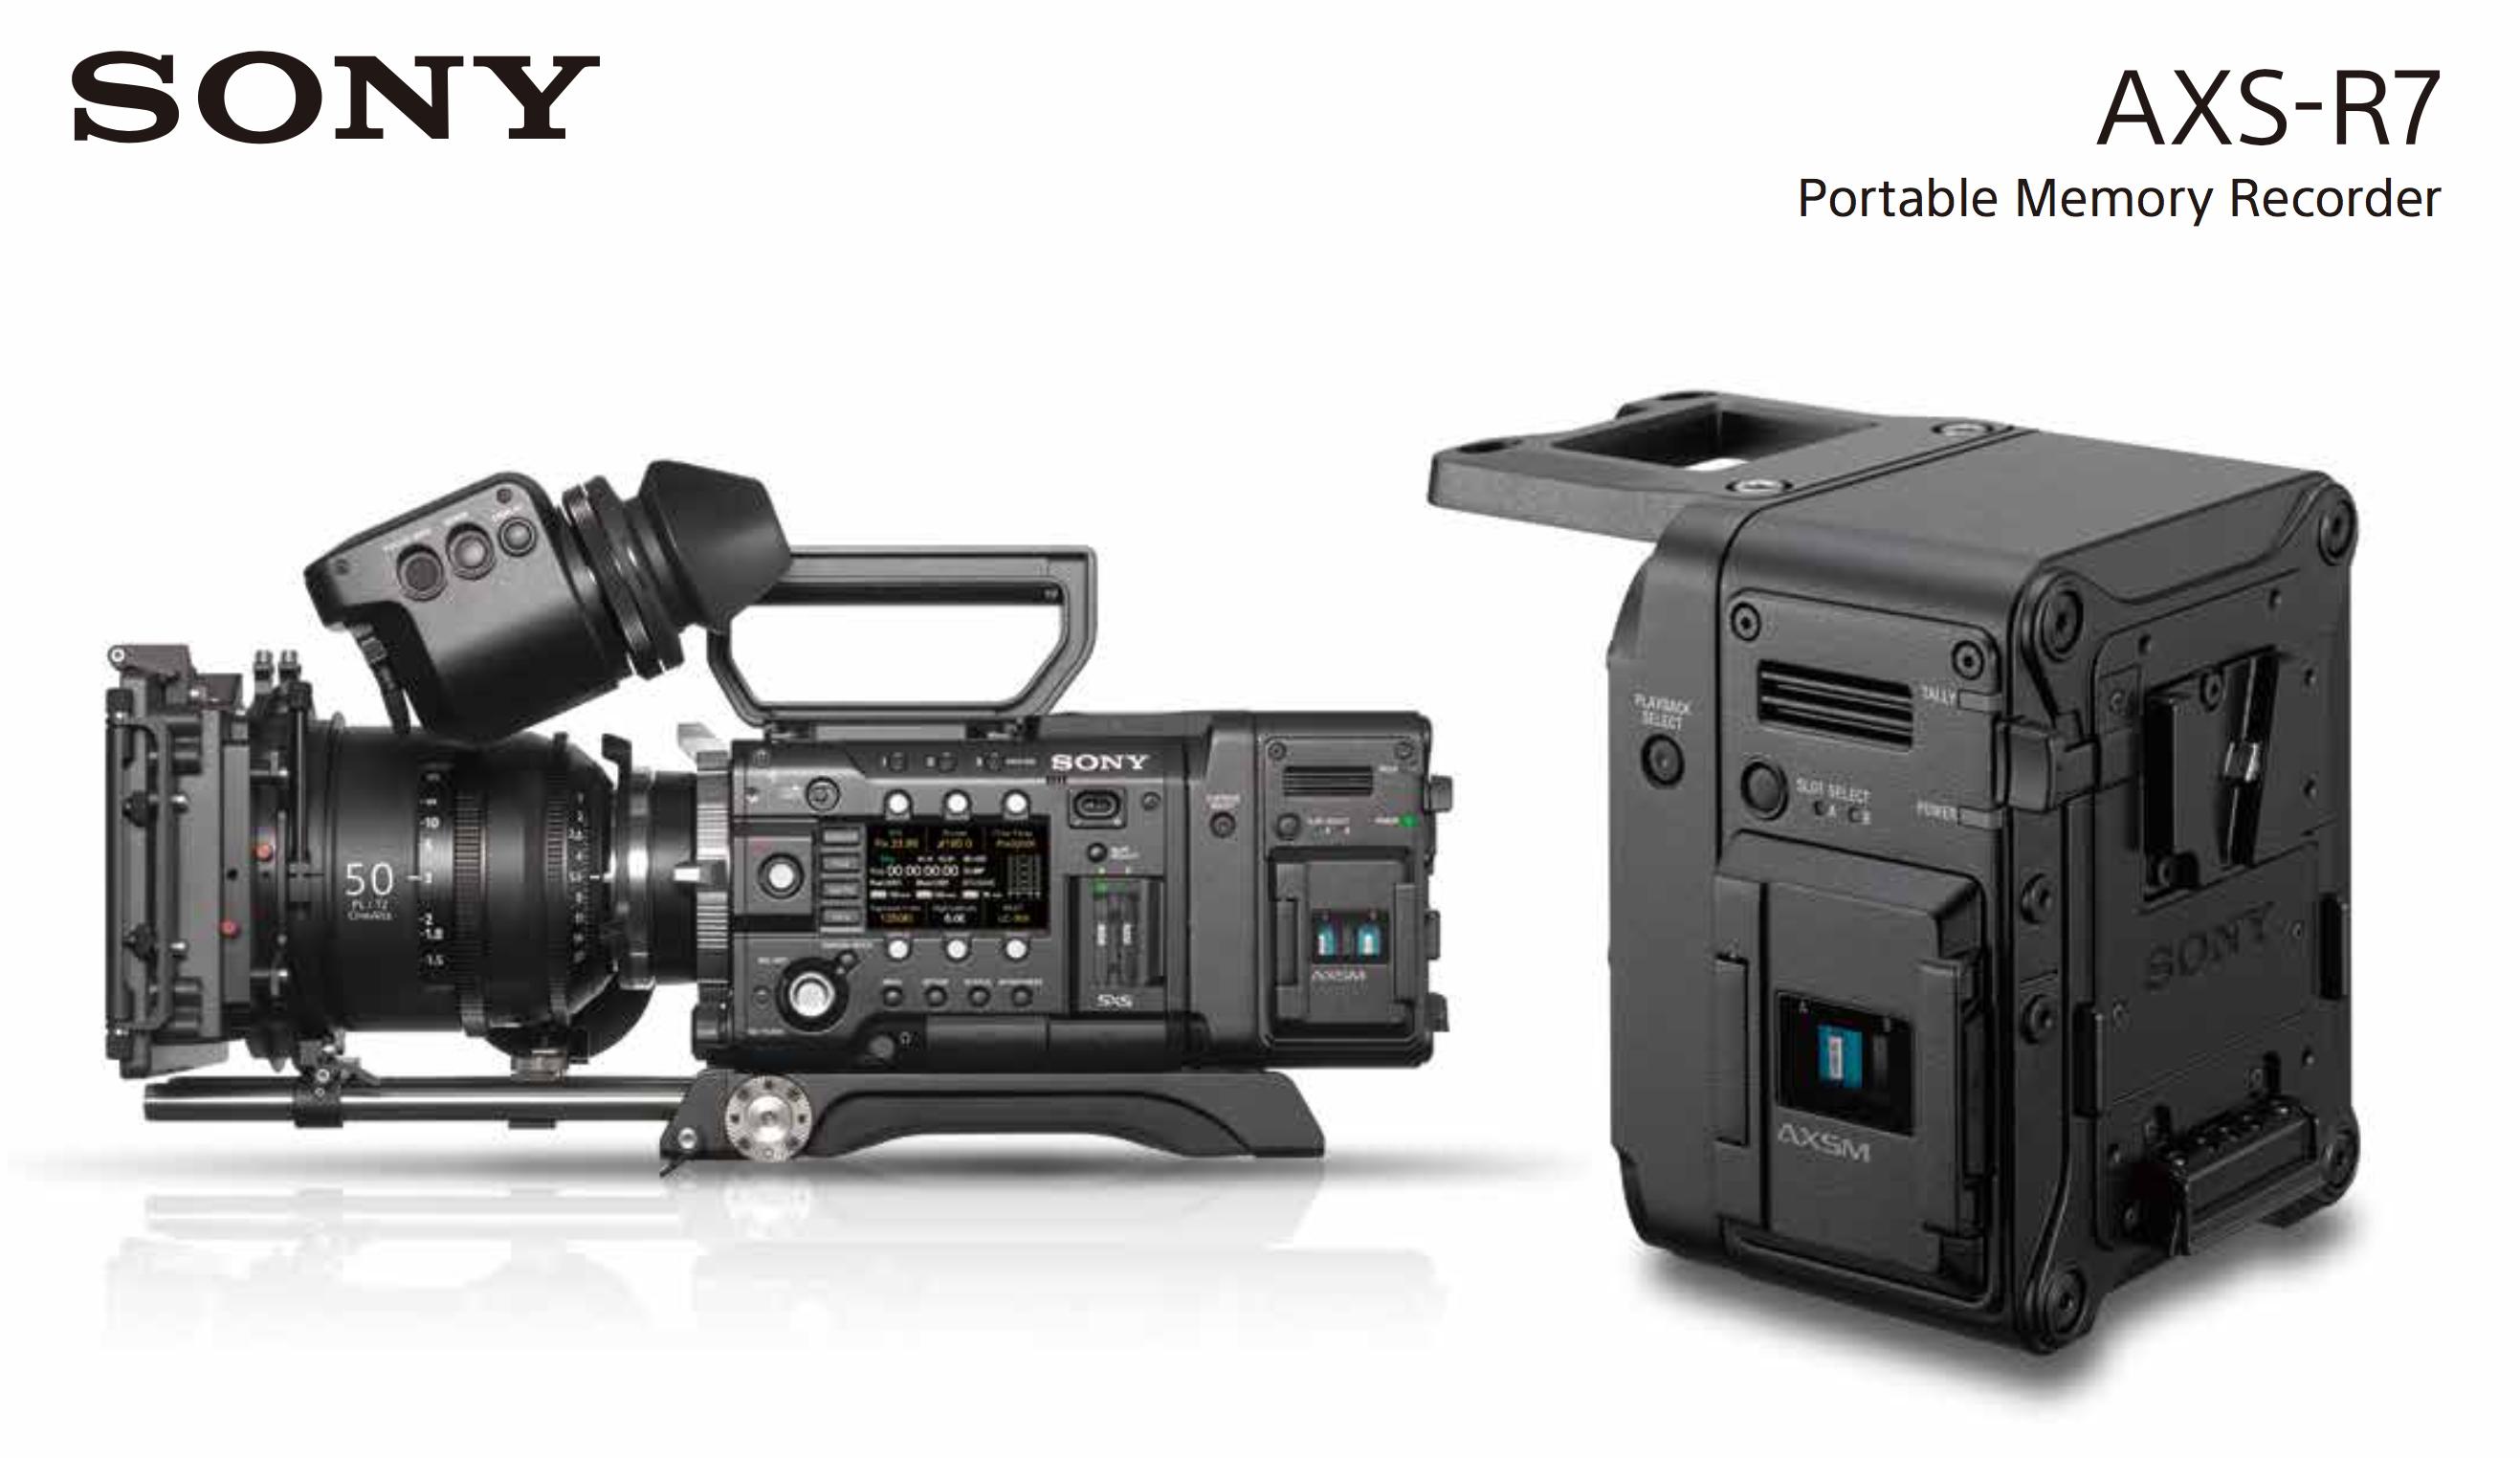 Sony ASX R7